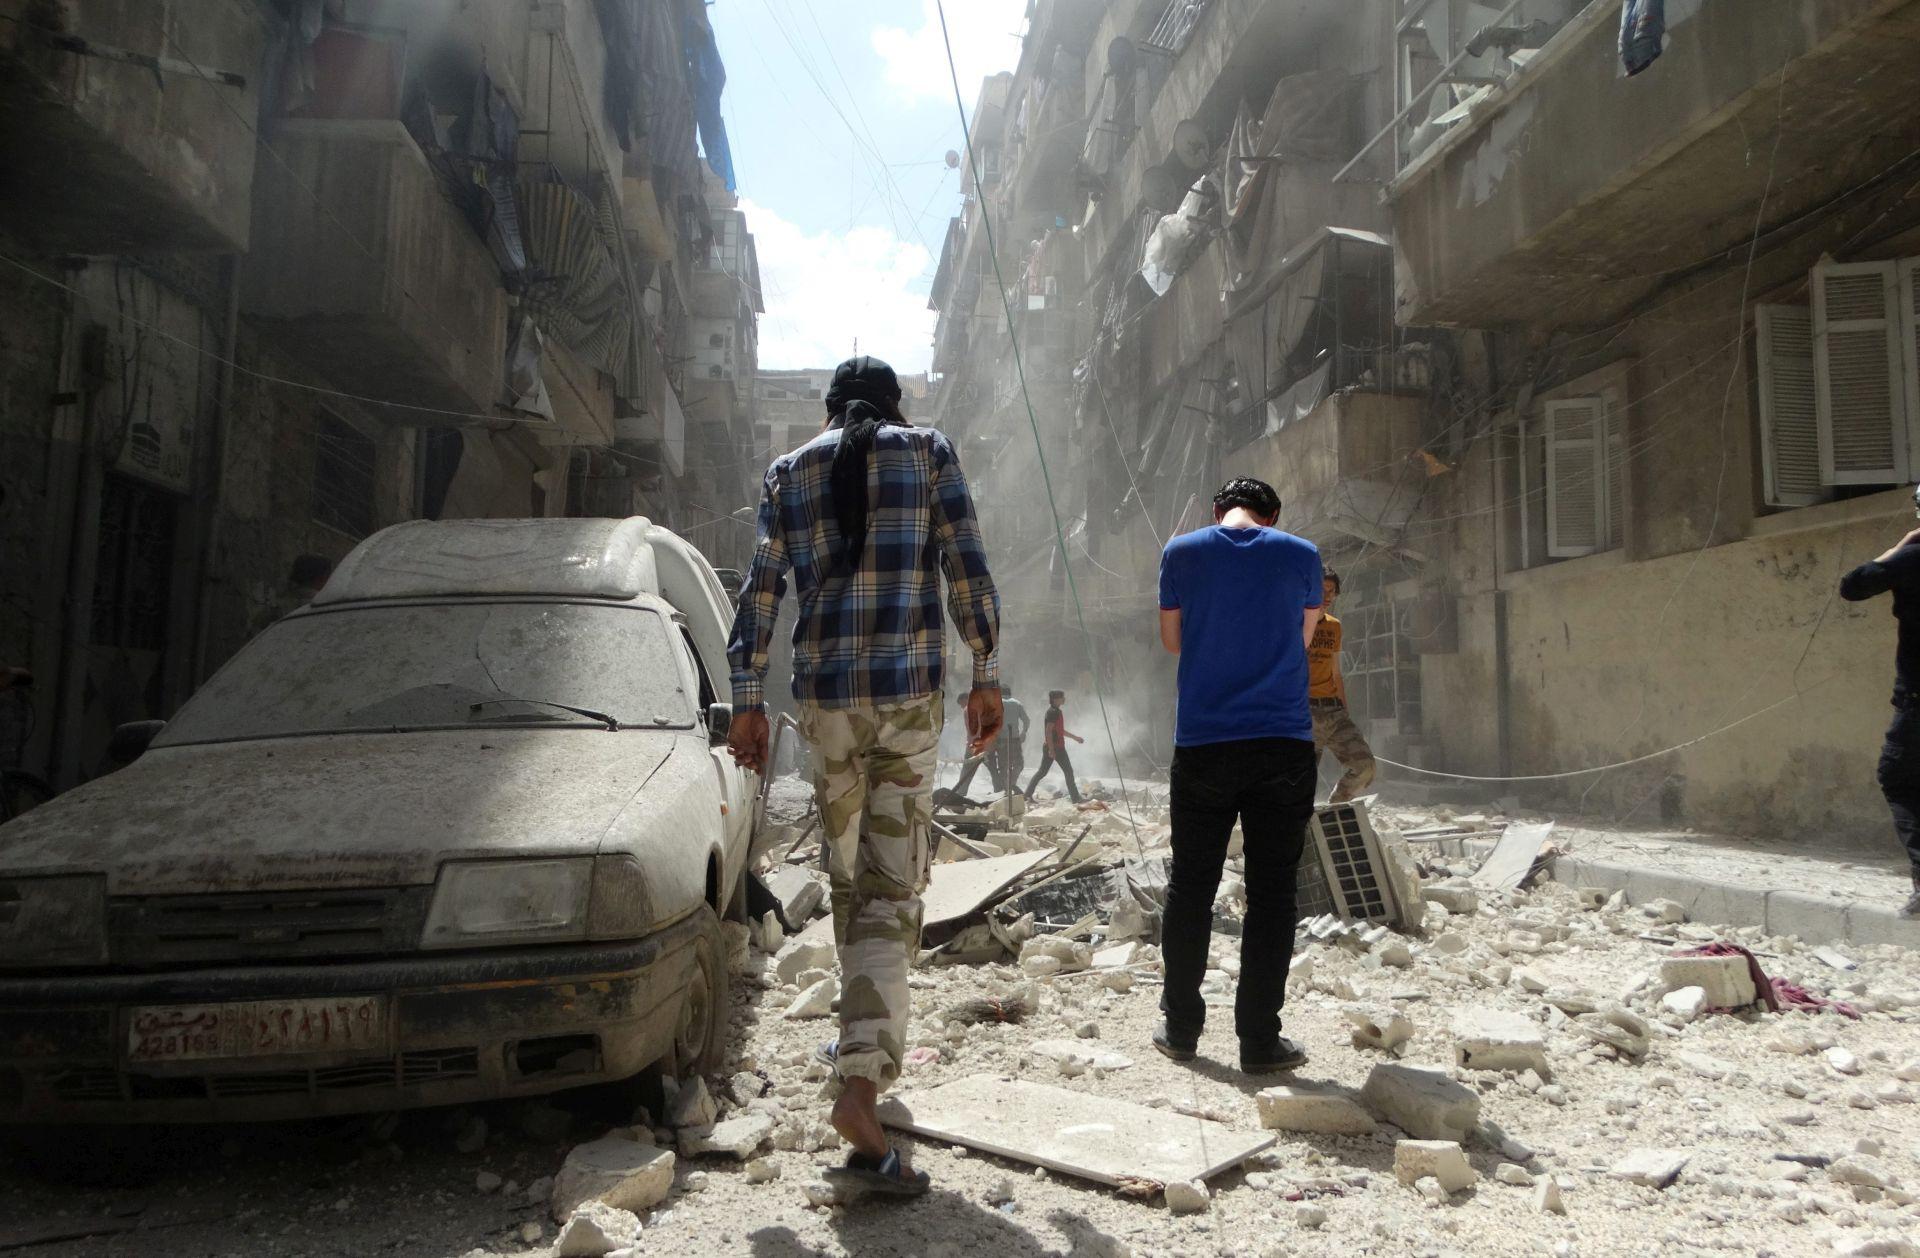 Sirijska vojska zauzela pobunjeničku četvrt Alepa